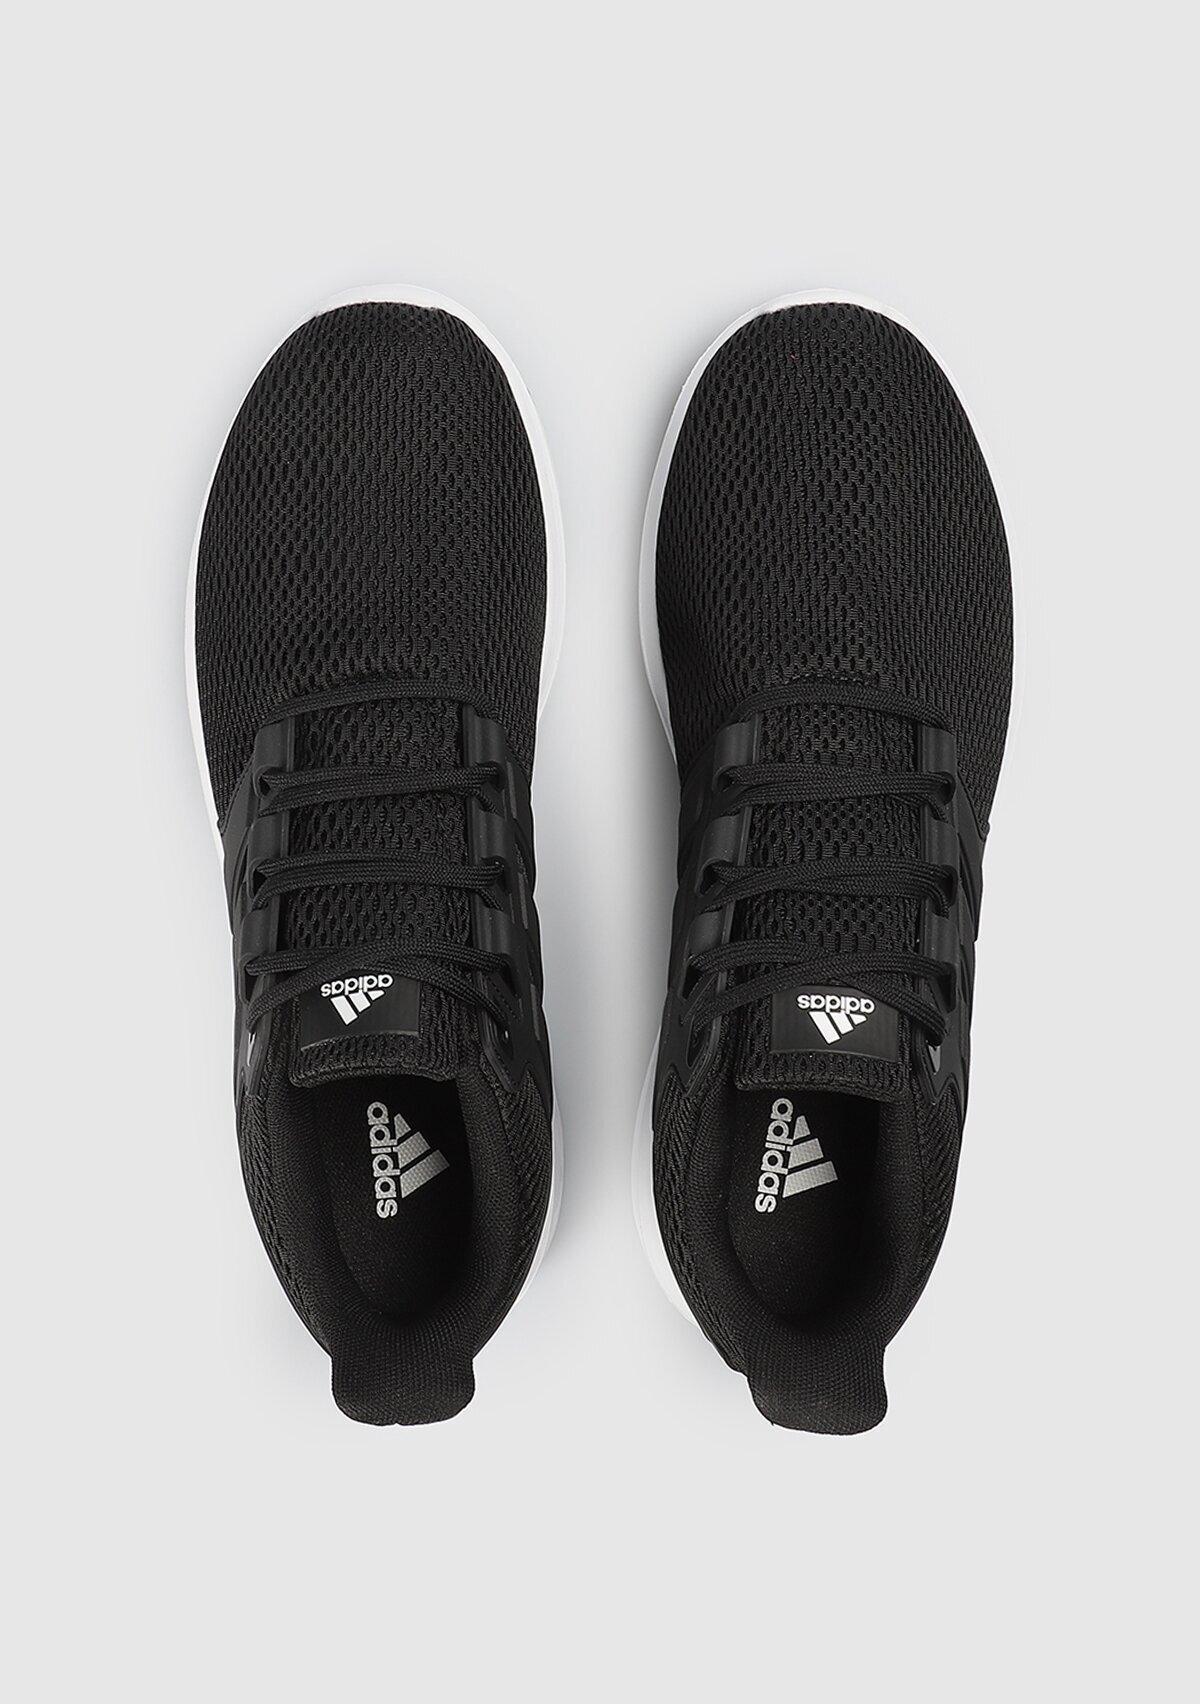 resm Ultimashow Siyah Erkek Spor Ayakkabısı Fx3624